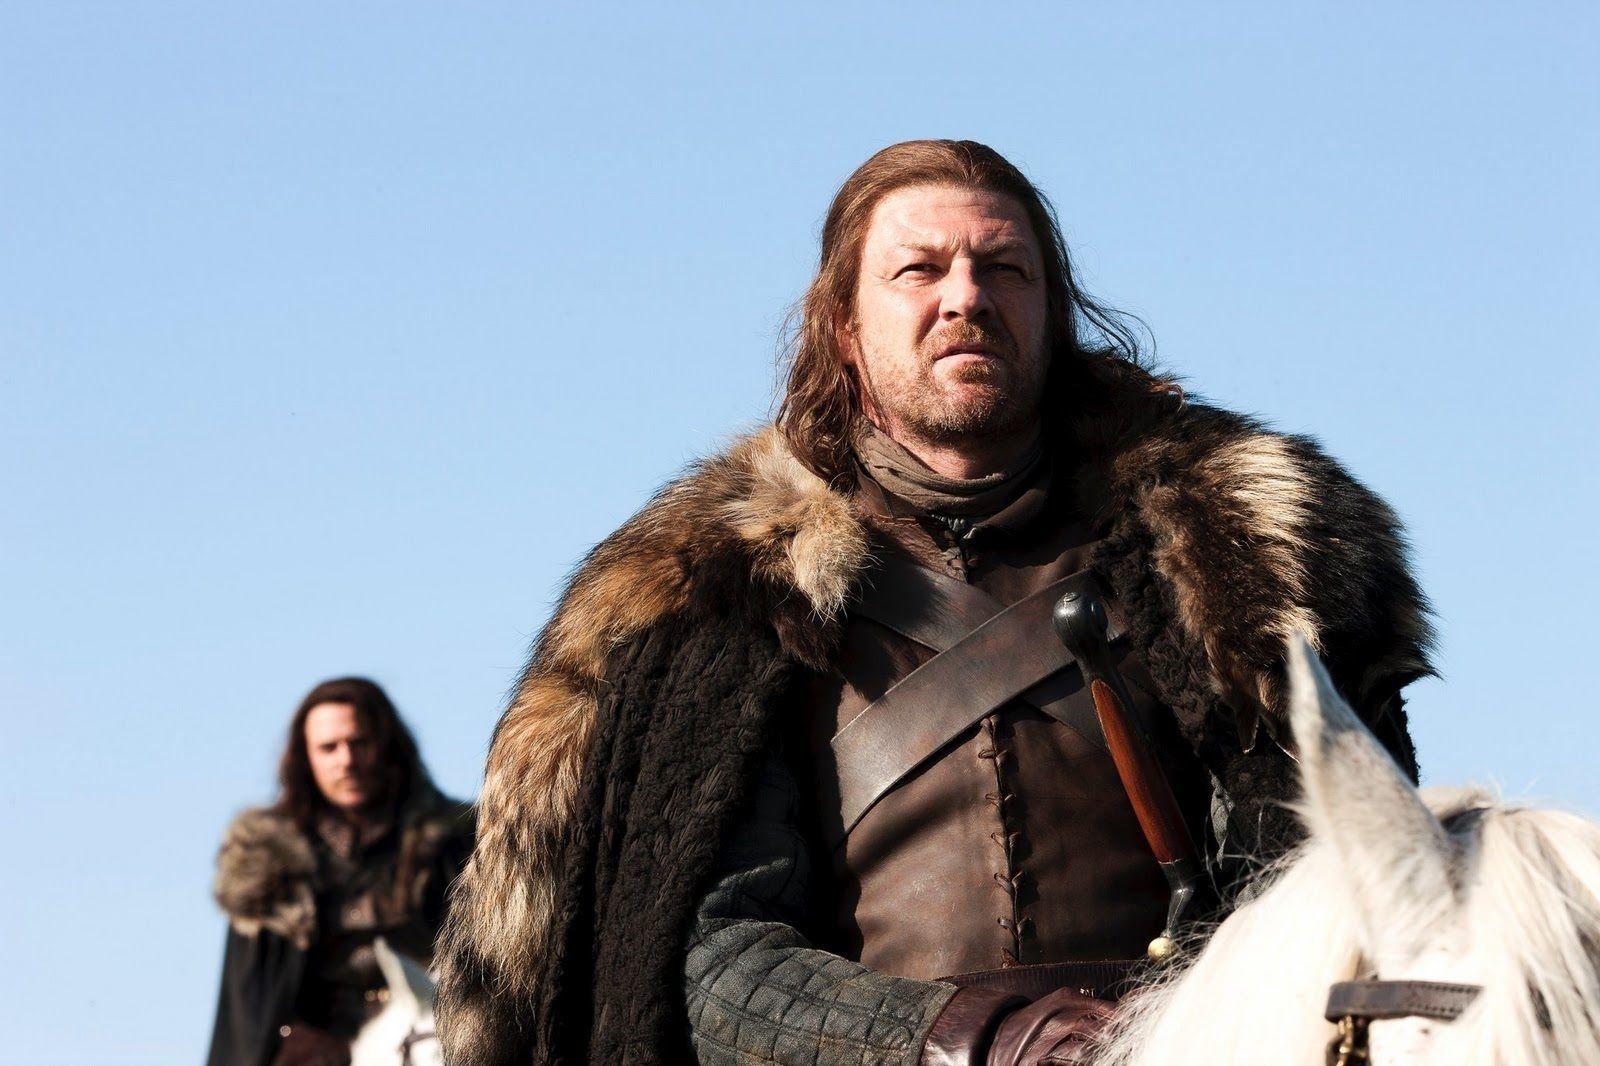 ¿Y en el periodo que abarca desde la conquista de Aegon, hasta la rebelión de Robb Stark?